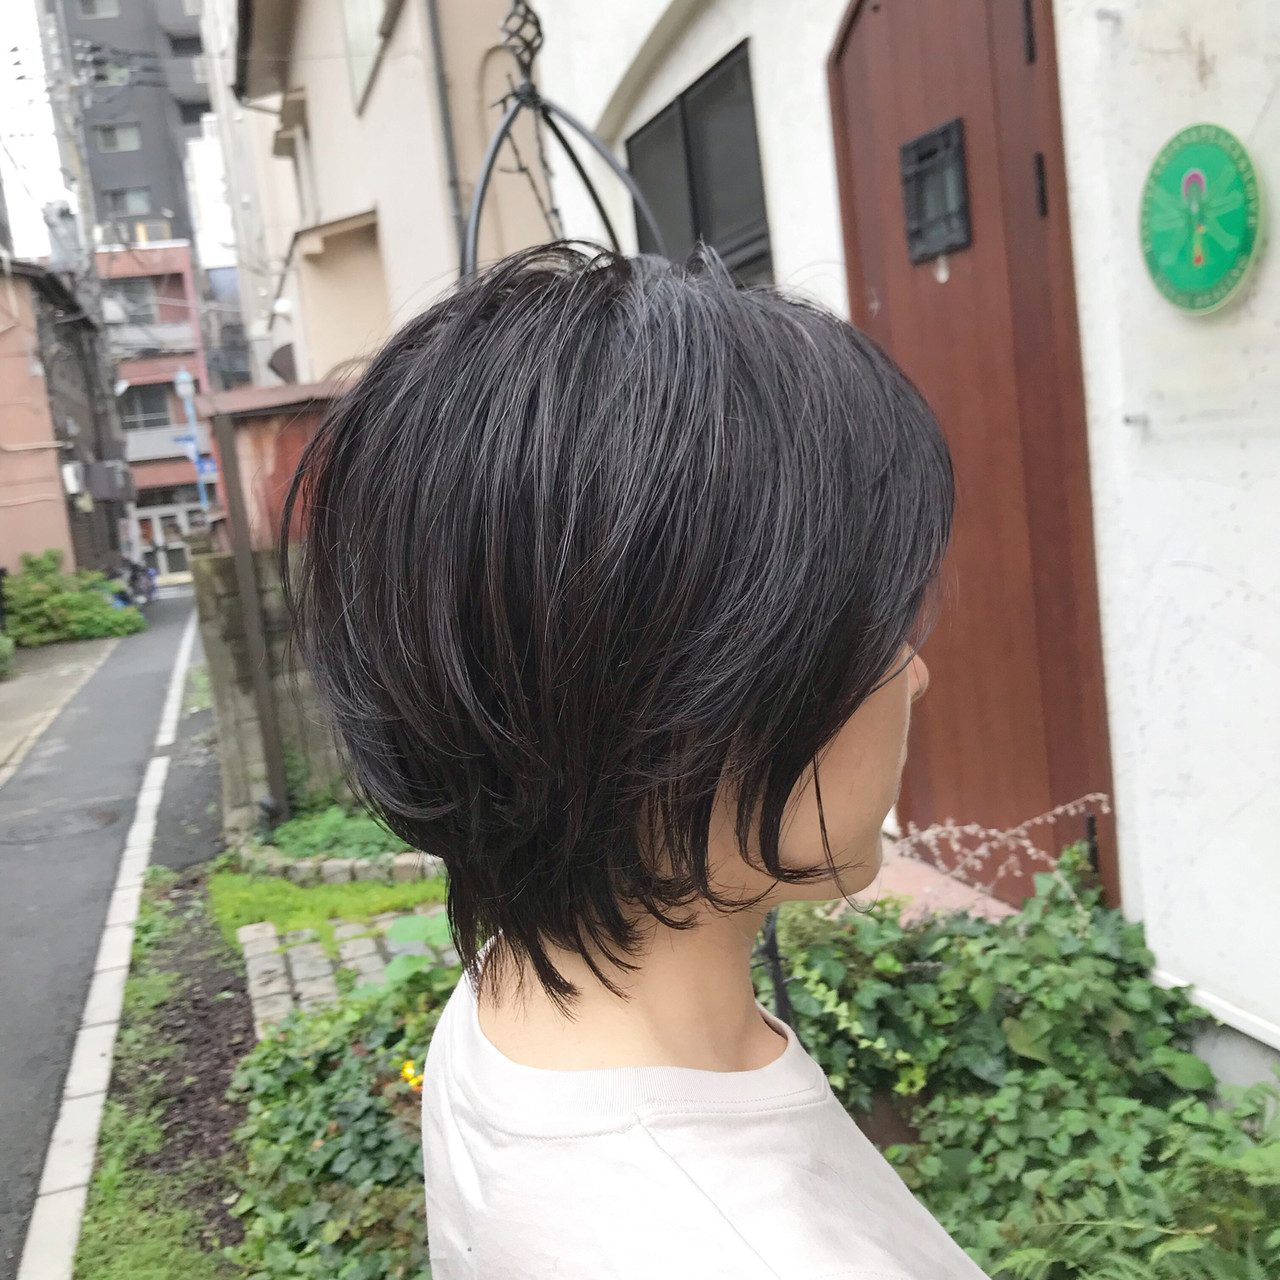 マッシュショート ベリーショート ショート ショートボブ ヘアスタイルや髪型の写真・画像